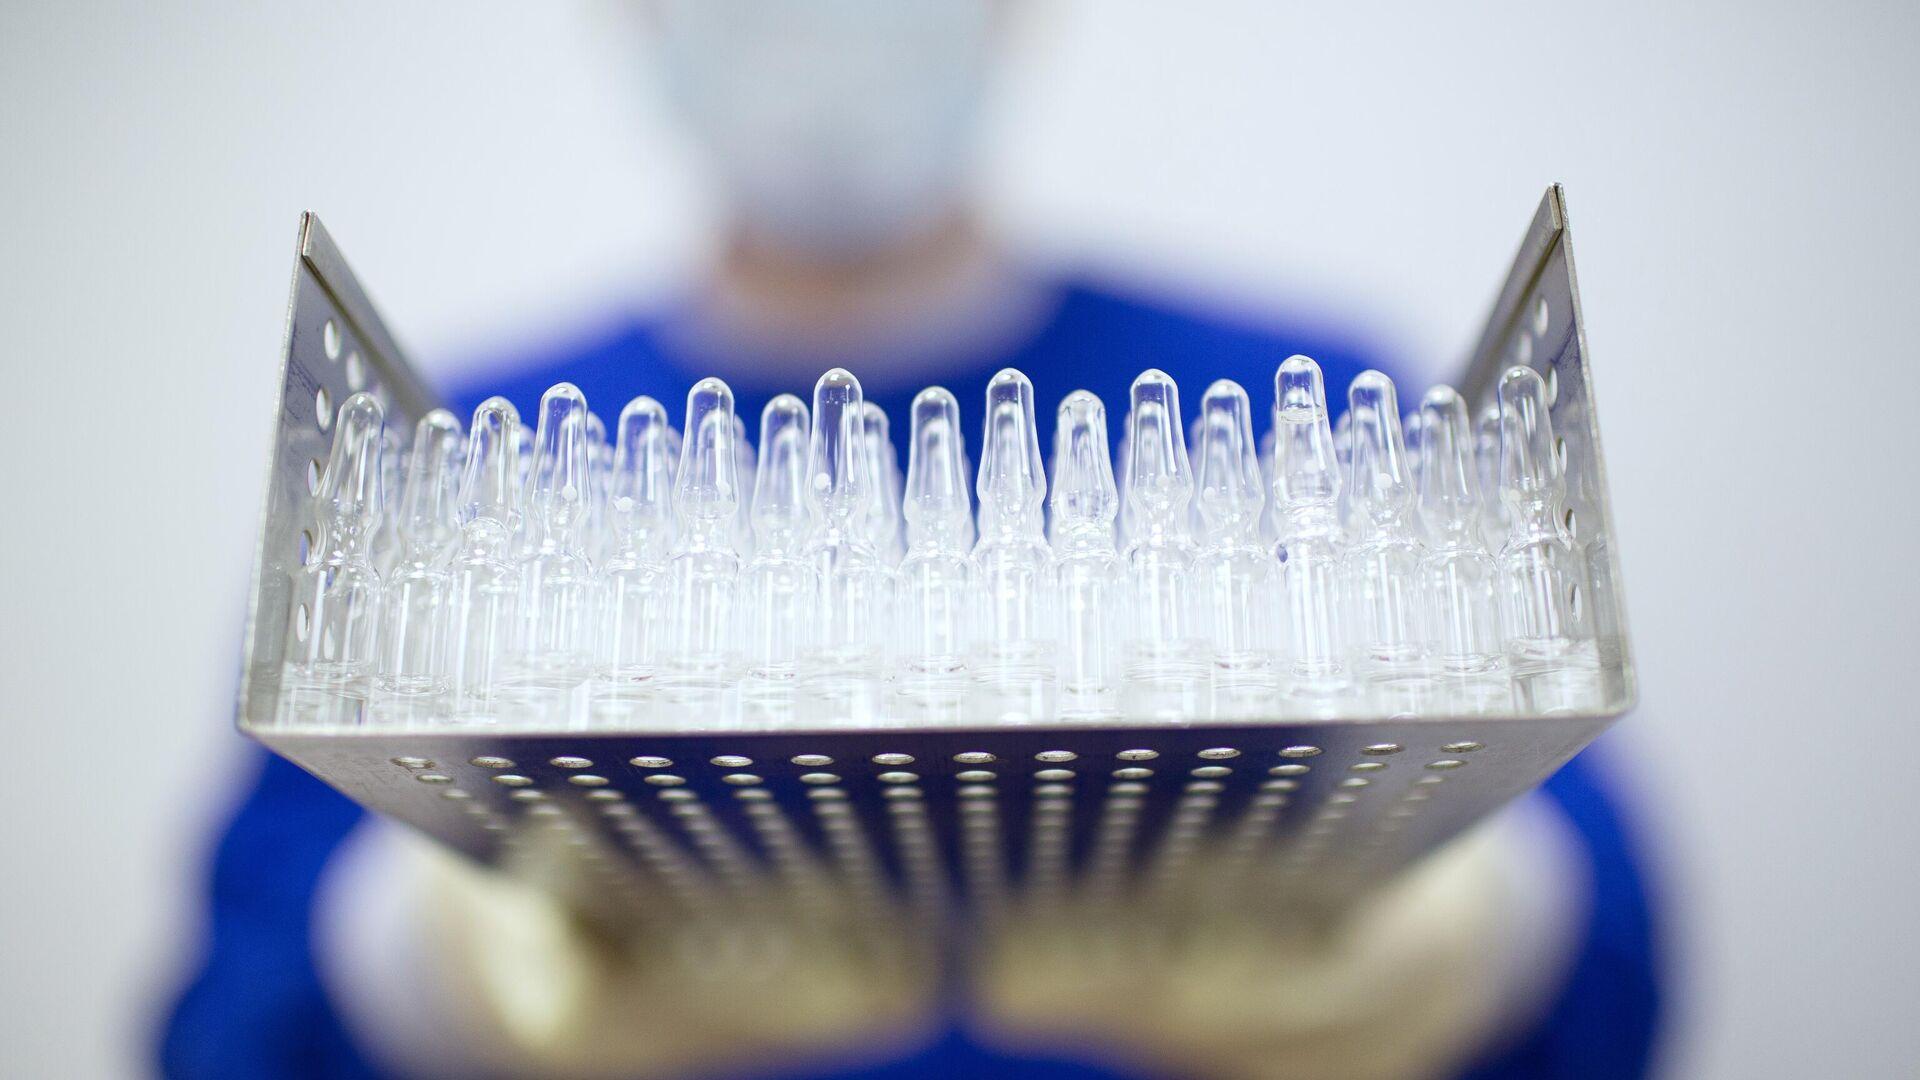 Производство вакцины от COVID-19 на фармацевтическом заводе Биннофарм  - РИА Новости, 1920, 16.09.2020